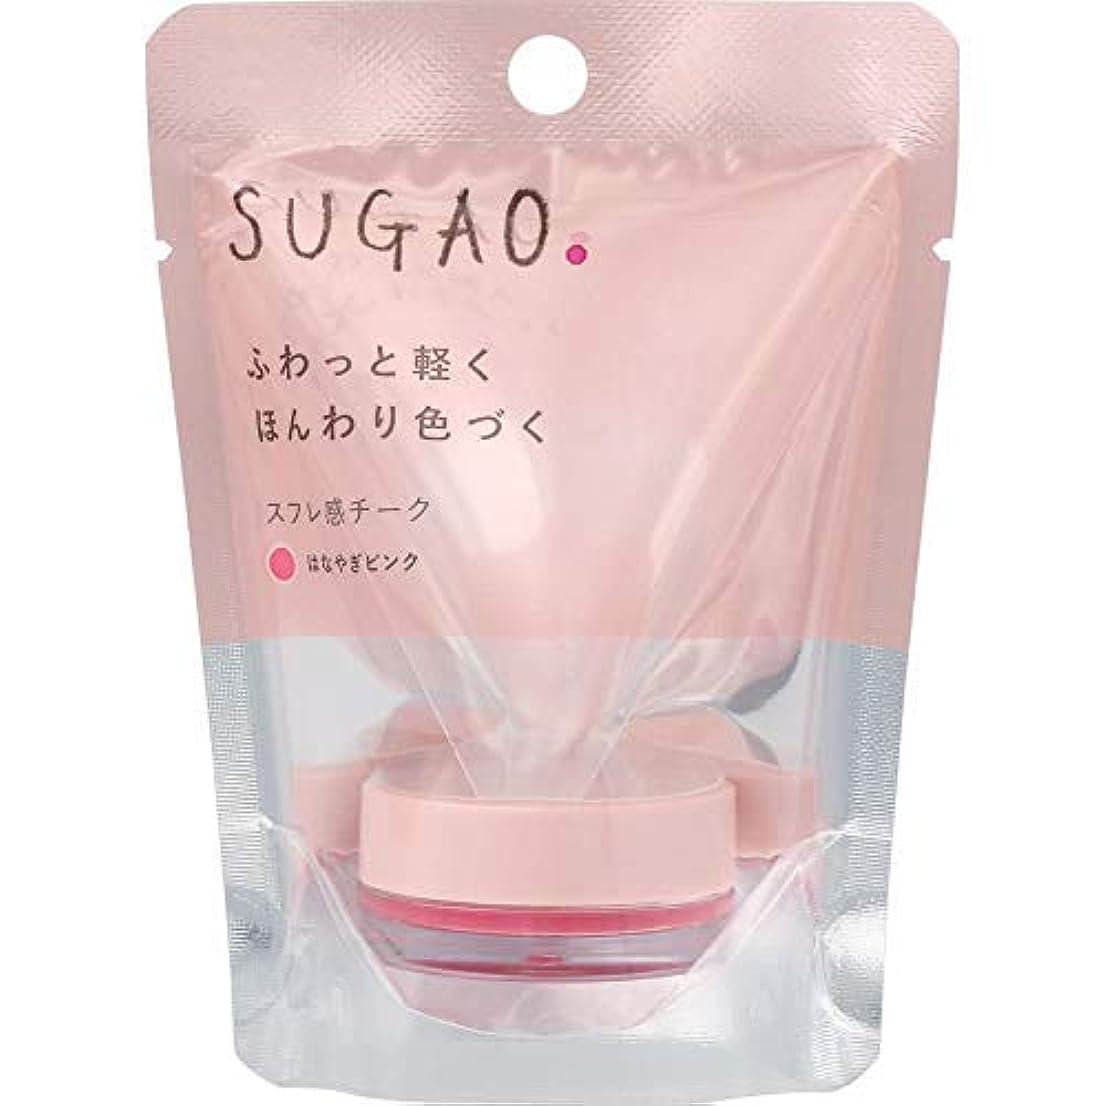 フィットネス承認盗難SUGAO スフレ感チーク はなやぎピンク × 18個セット